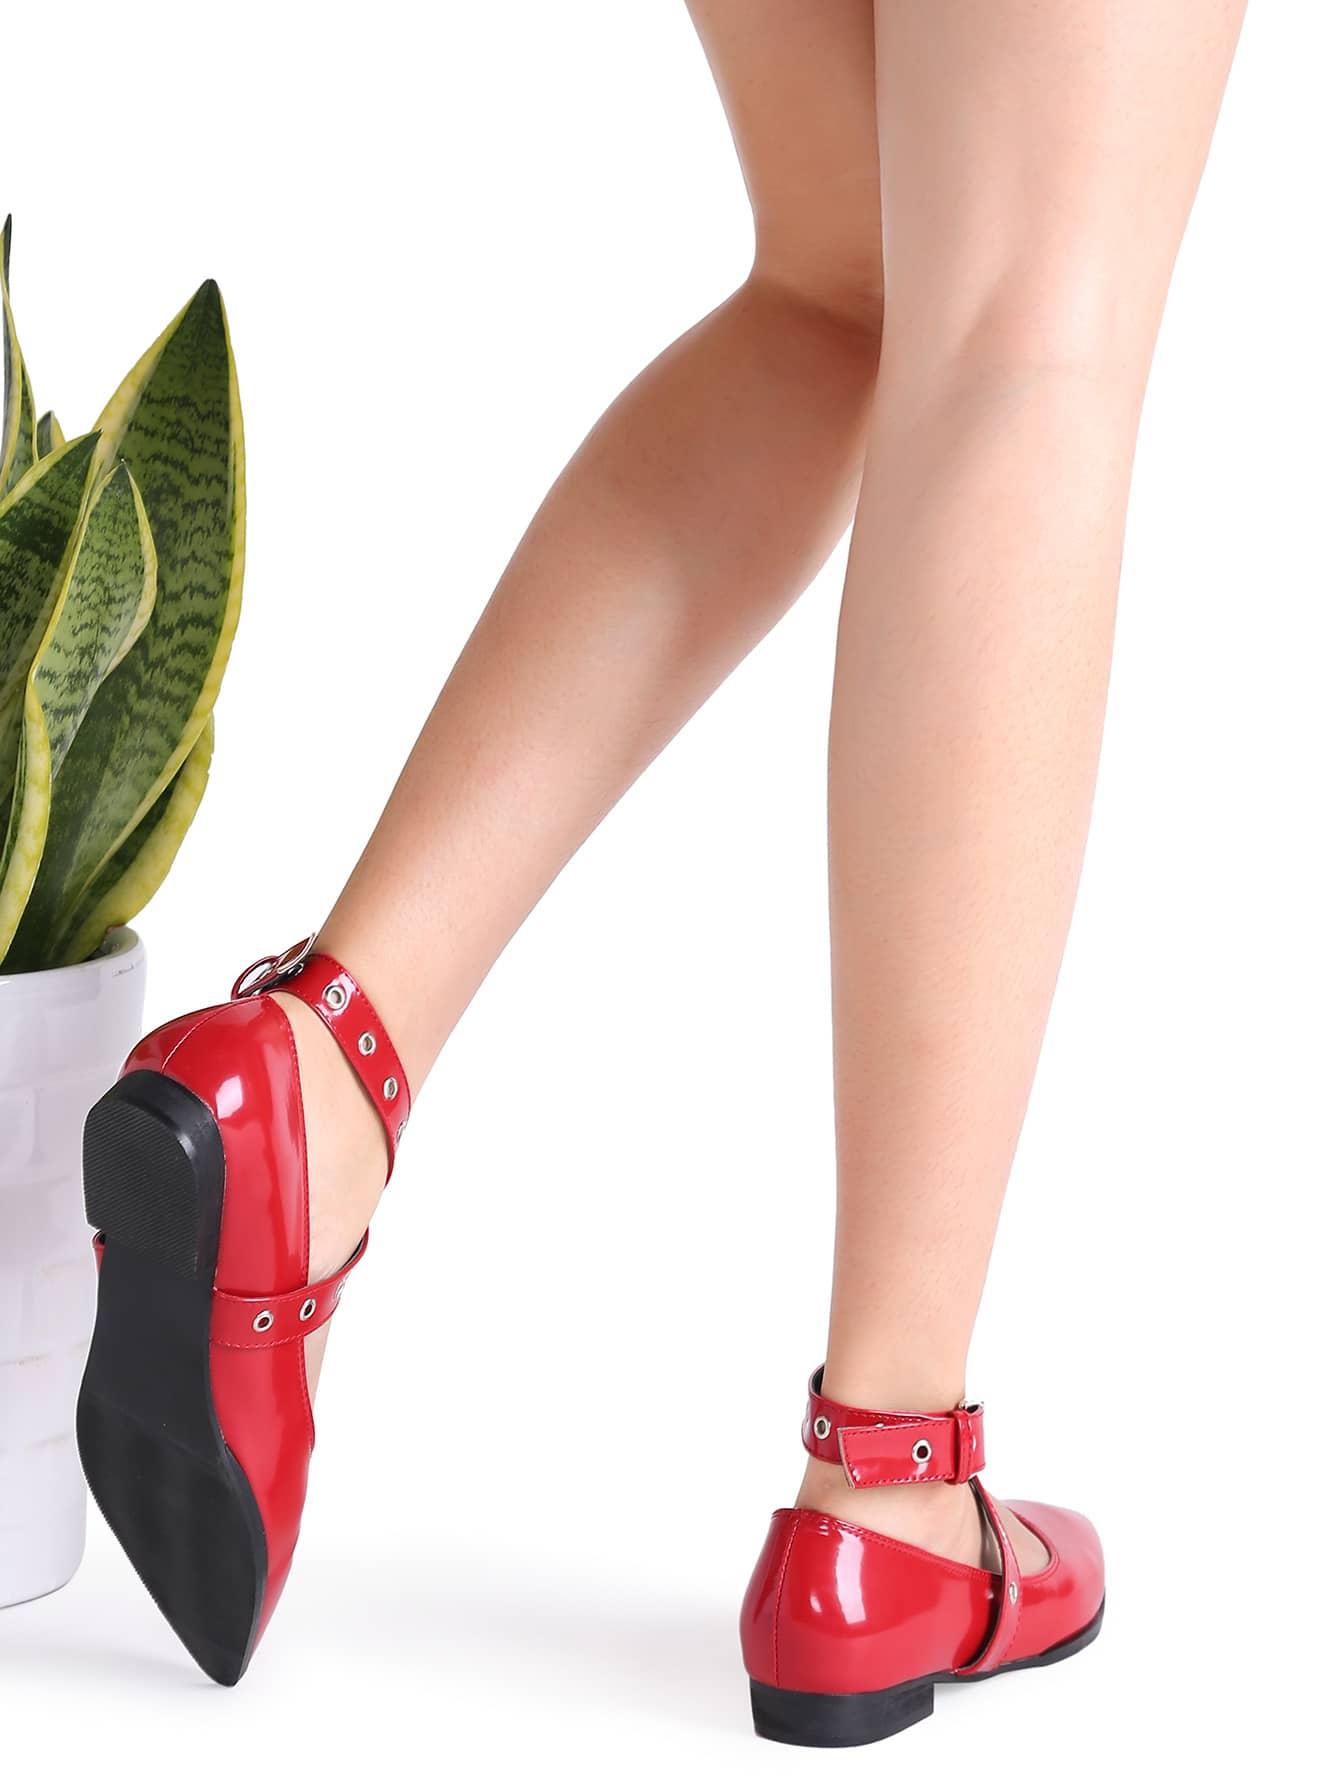 shoes161230802_2